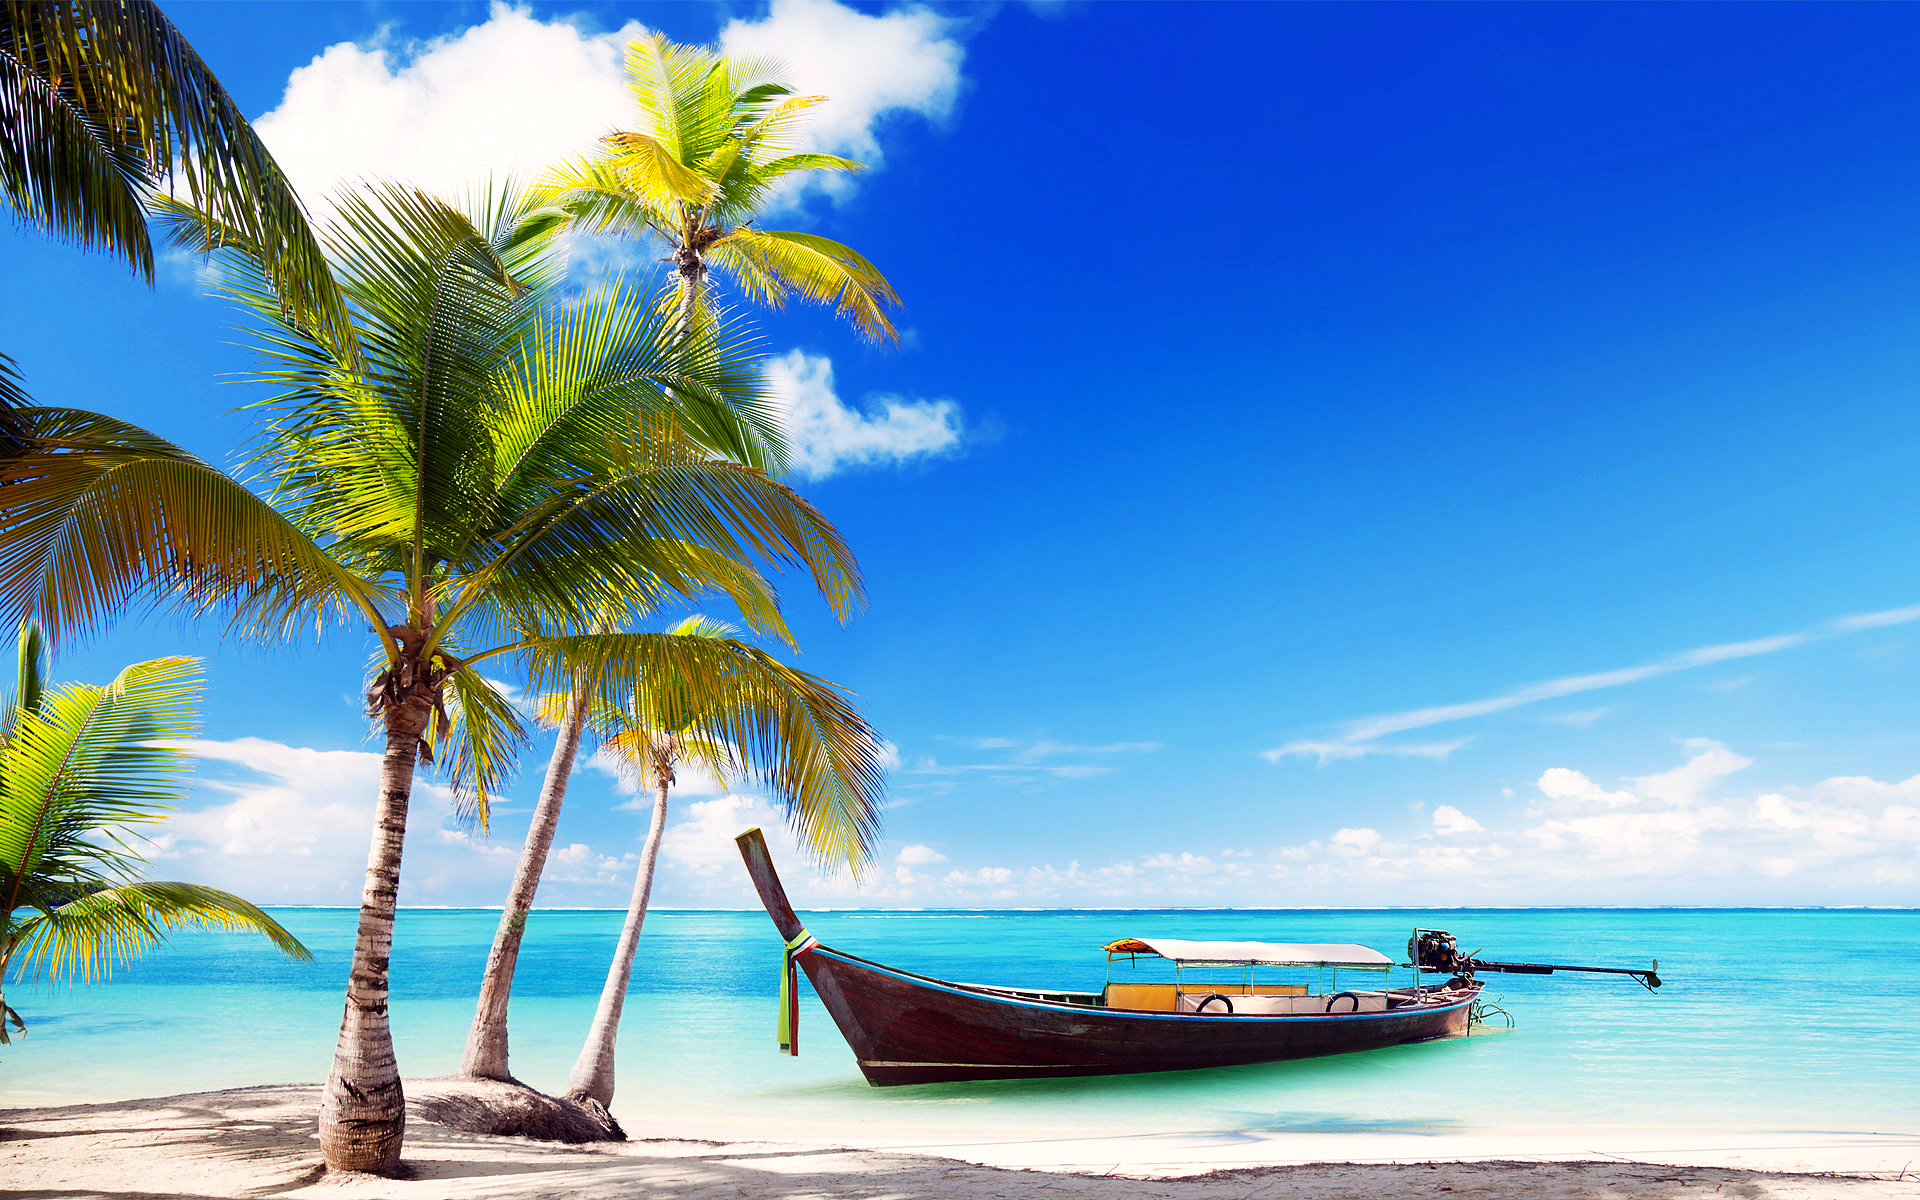 Открытка с пляжем, надписью танюшка